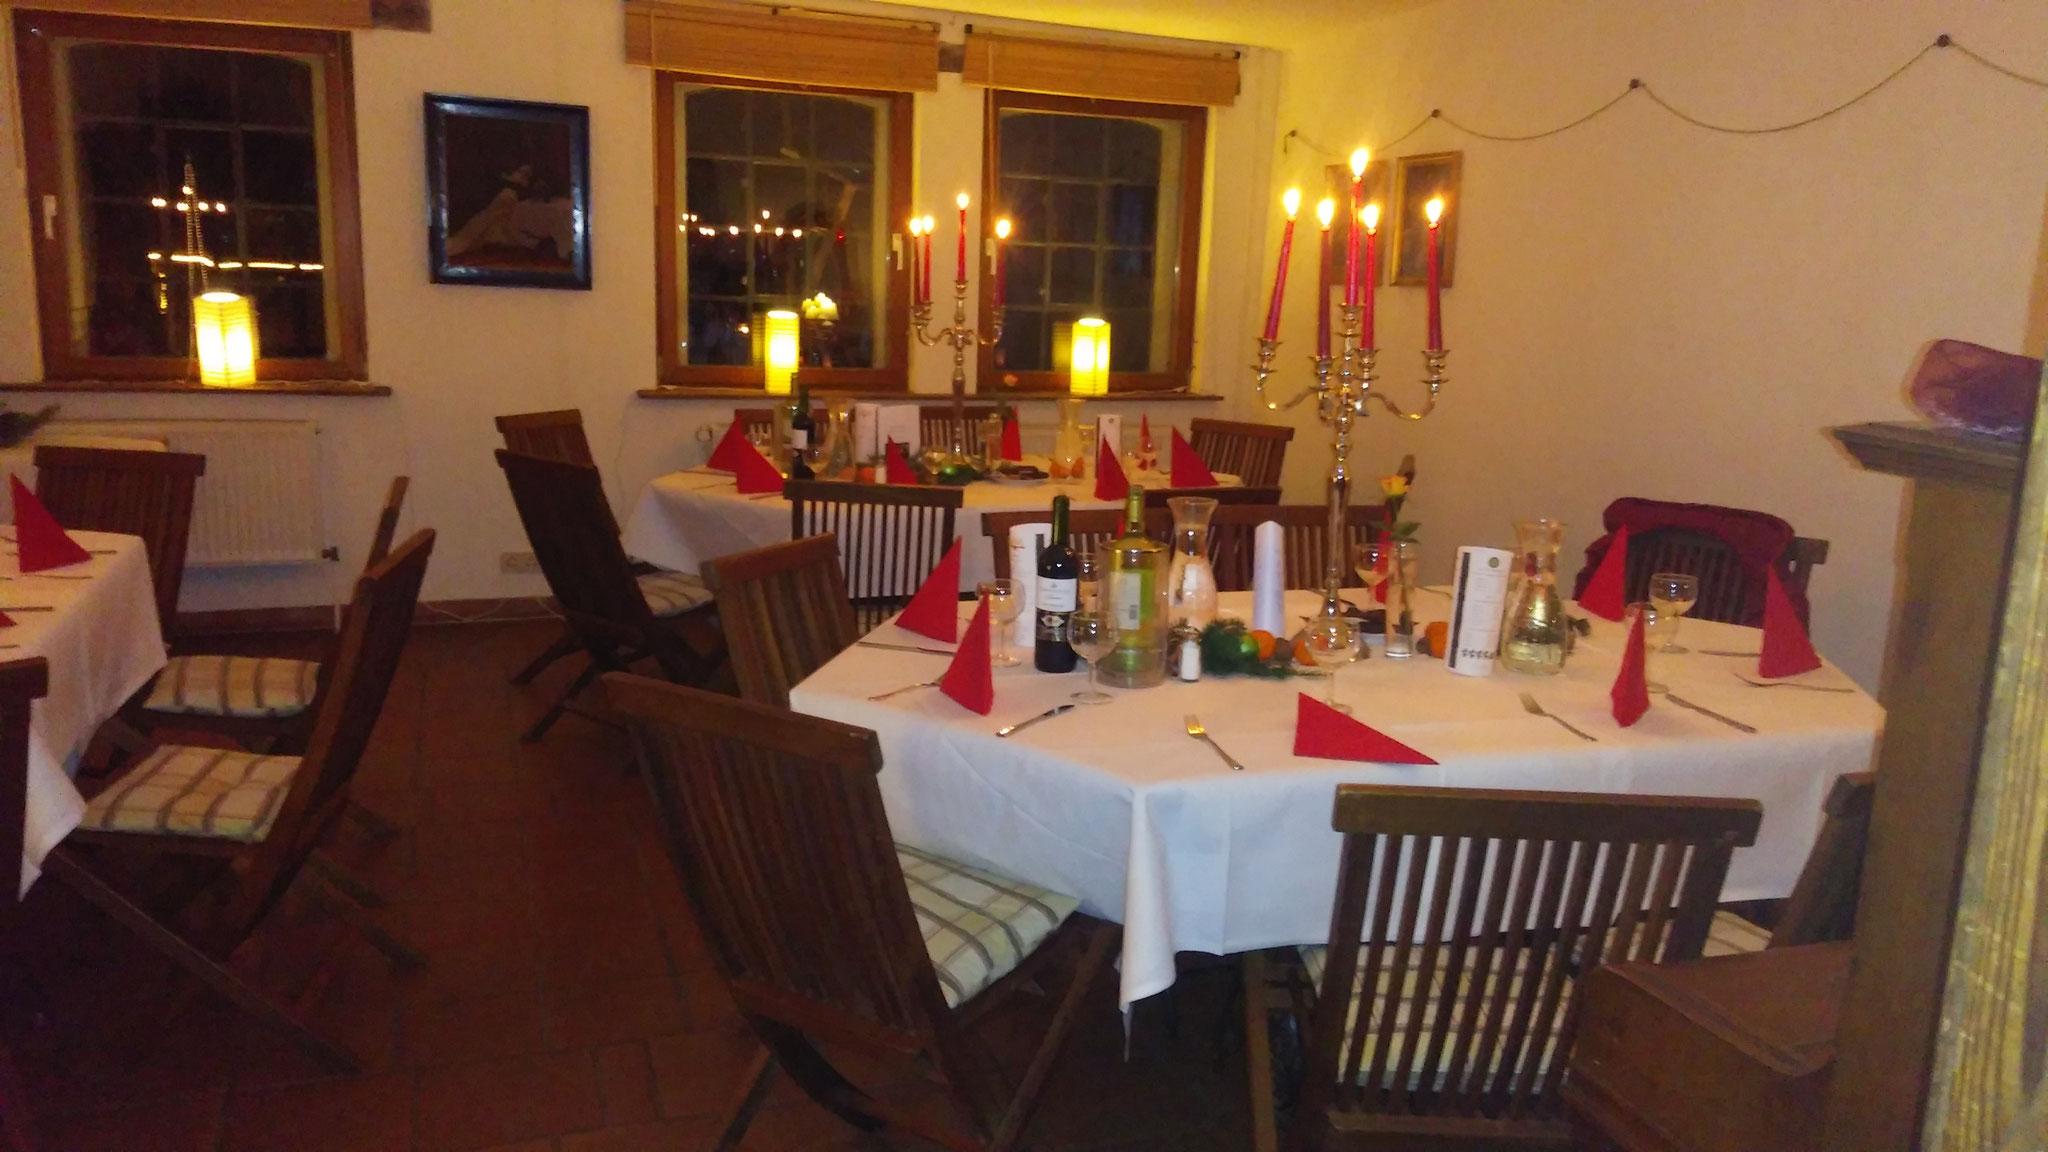 Feiern im Hotel Alte Försterei Kloster Zinna